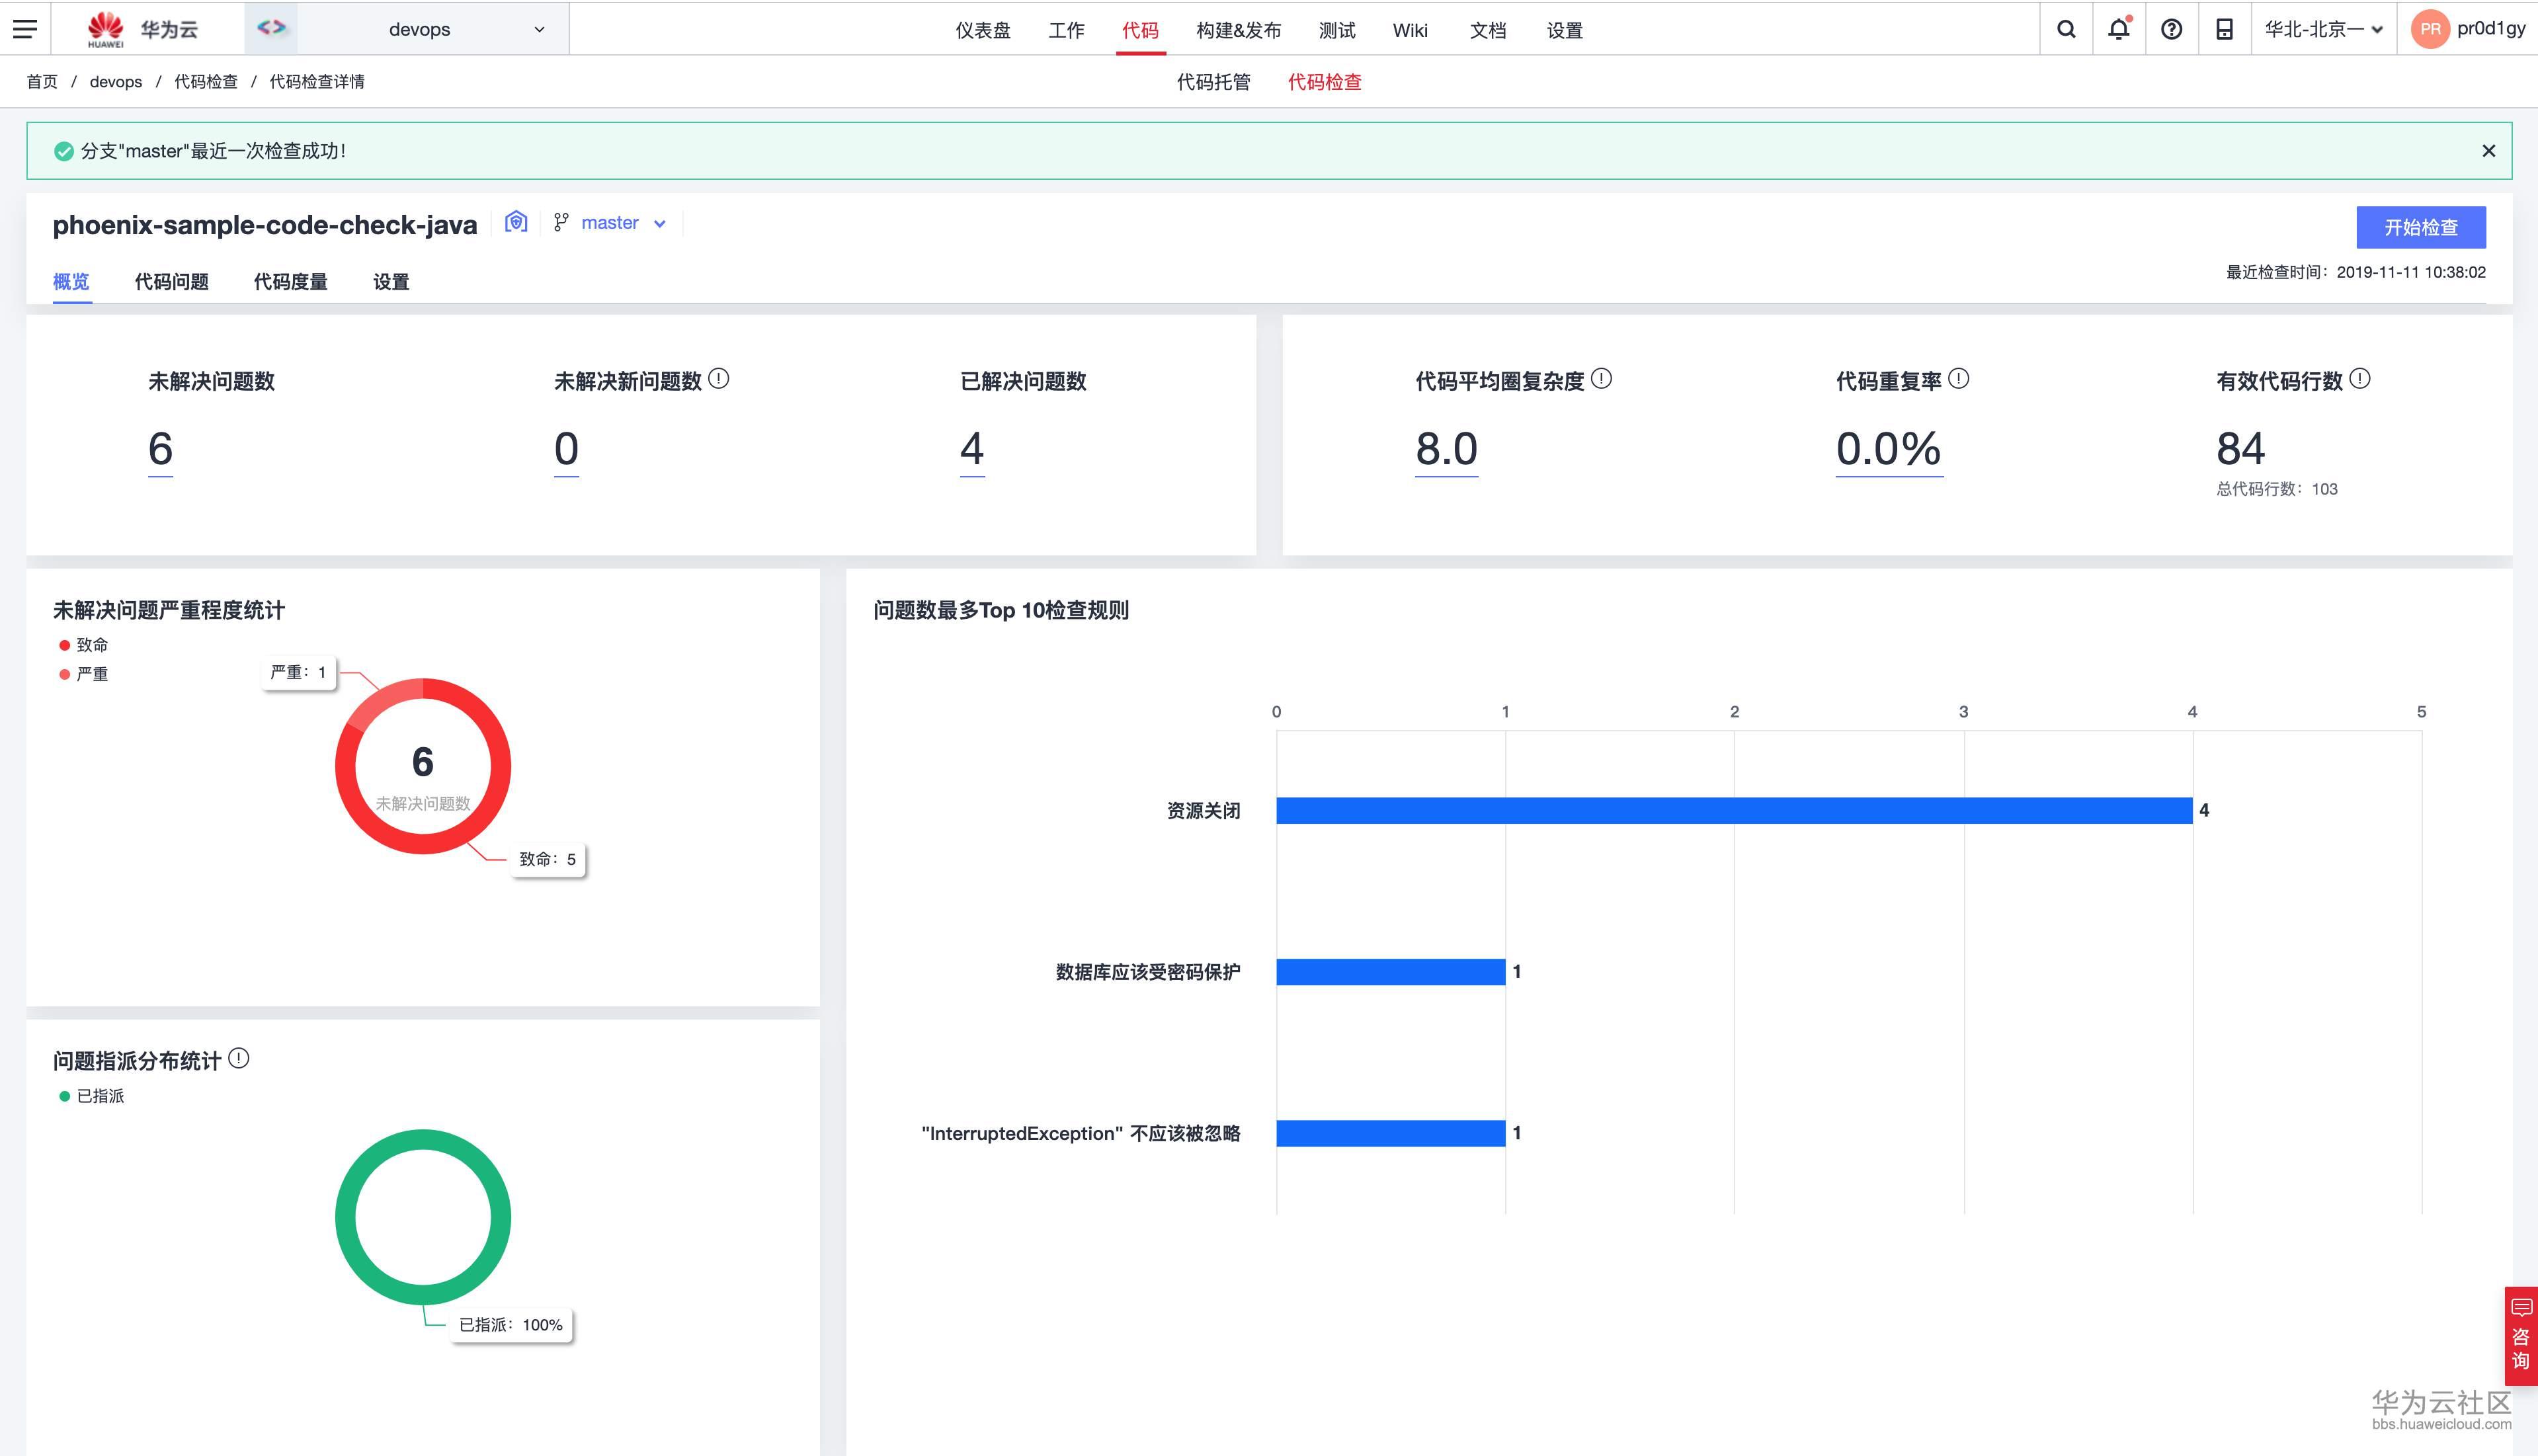 Screenshot 2019-11-11 at 10.39.15.png